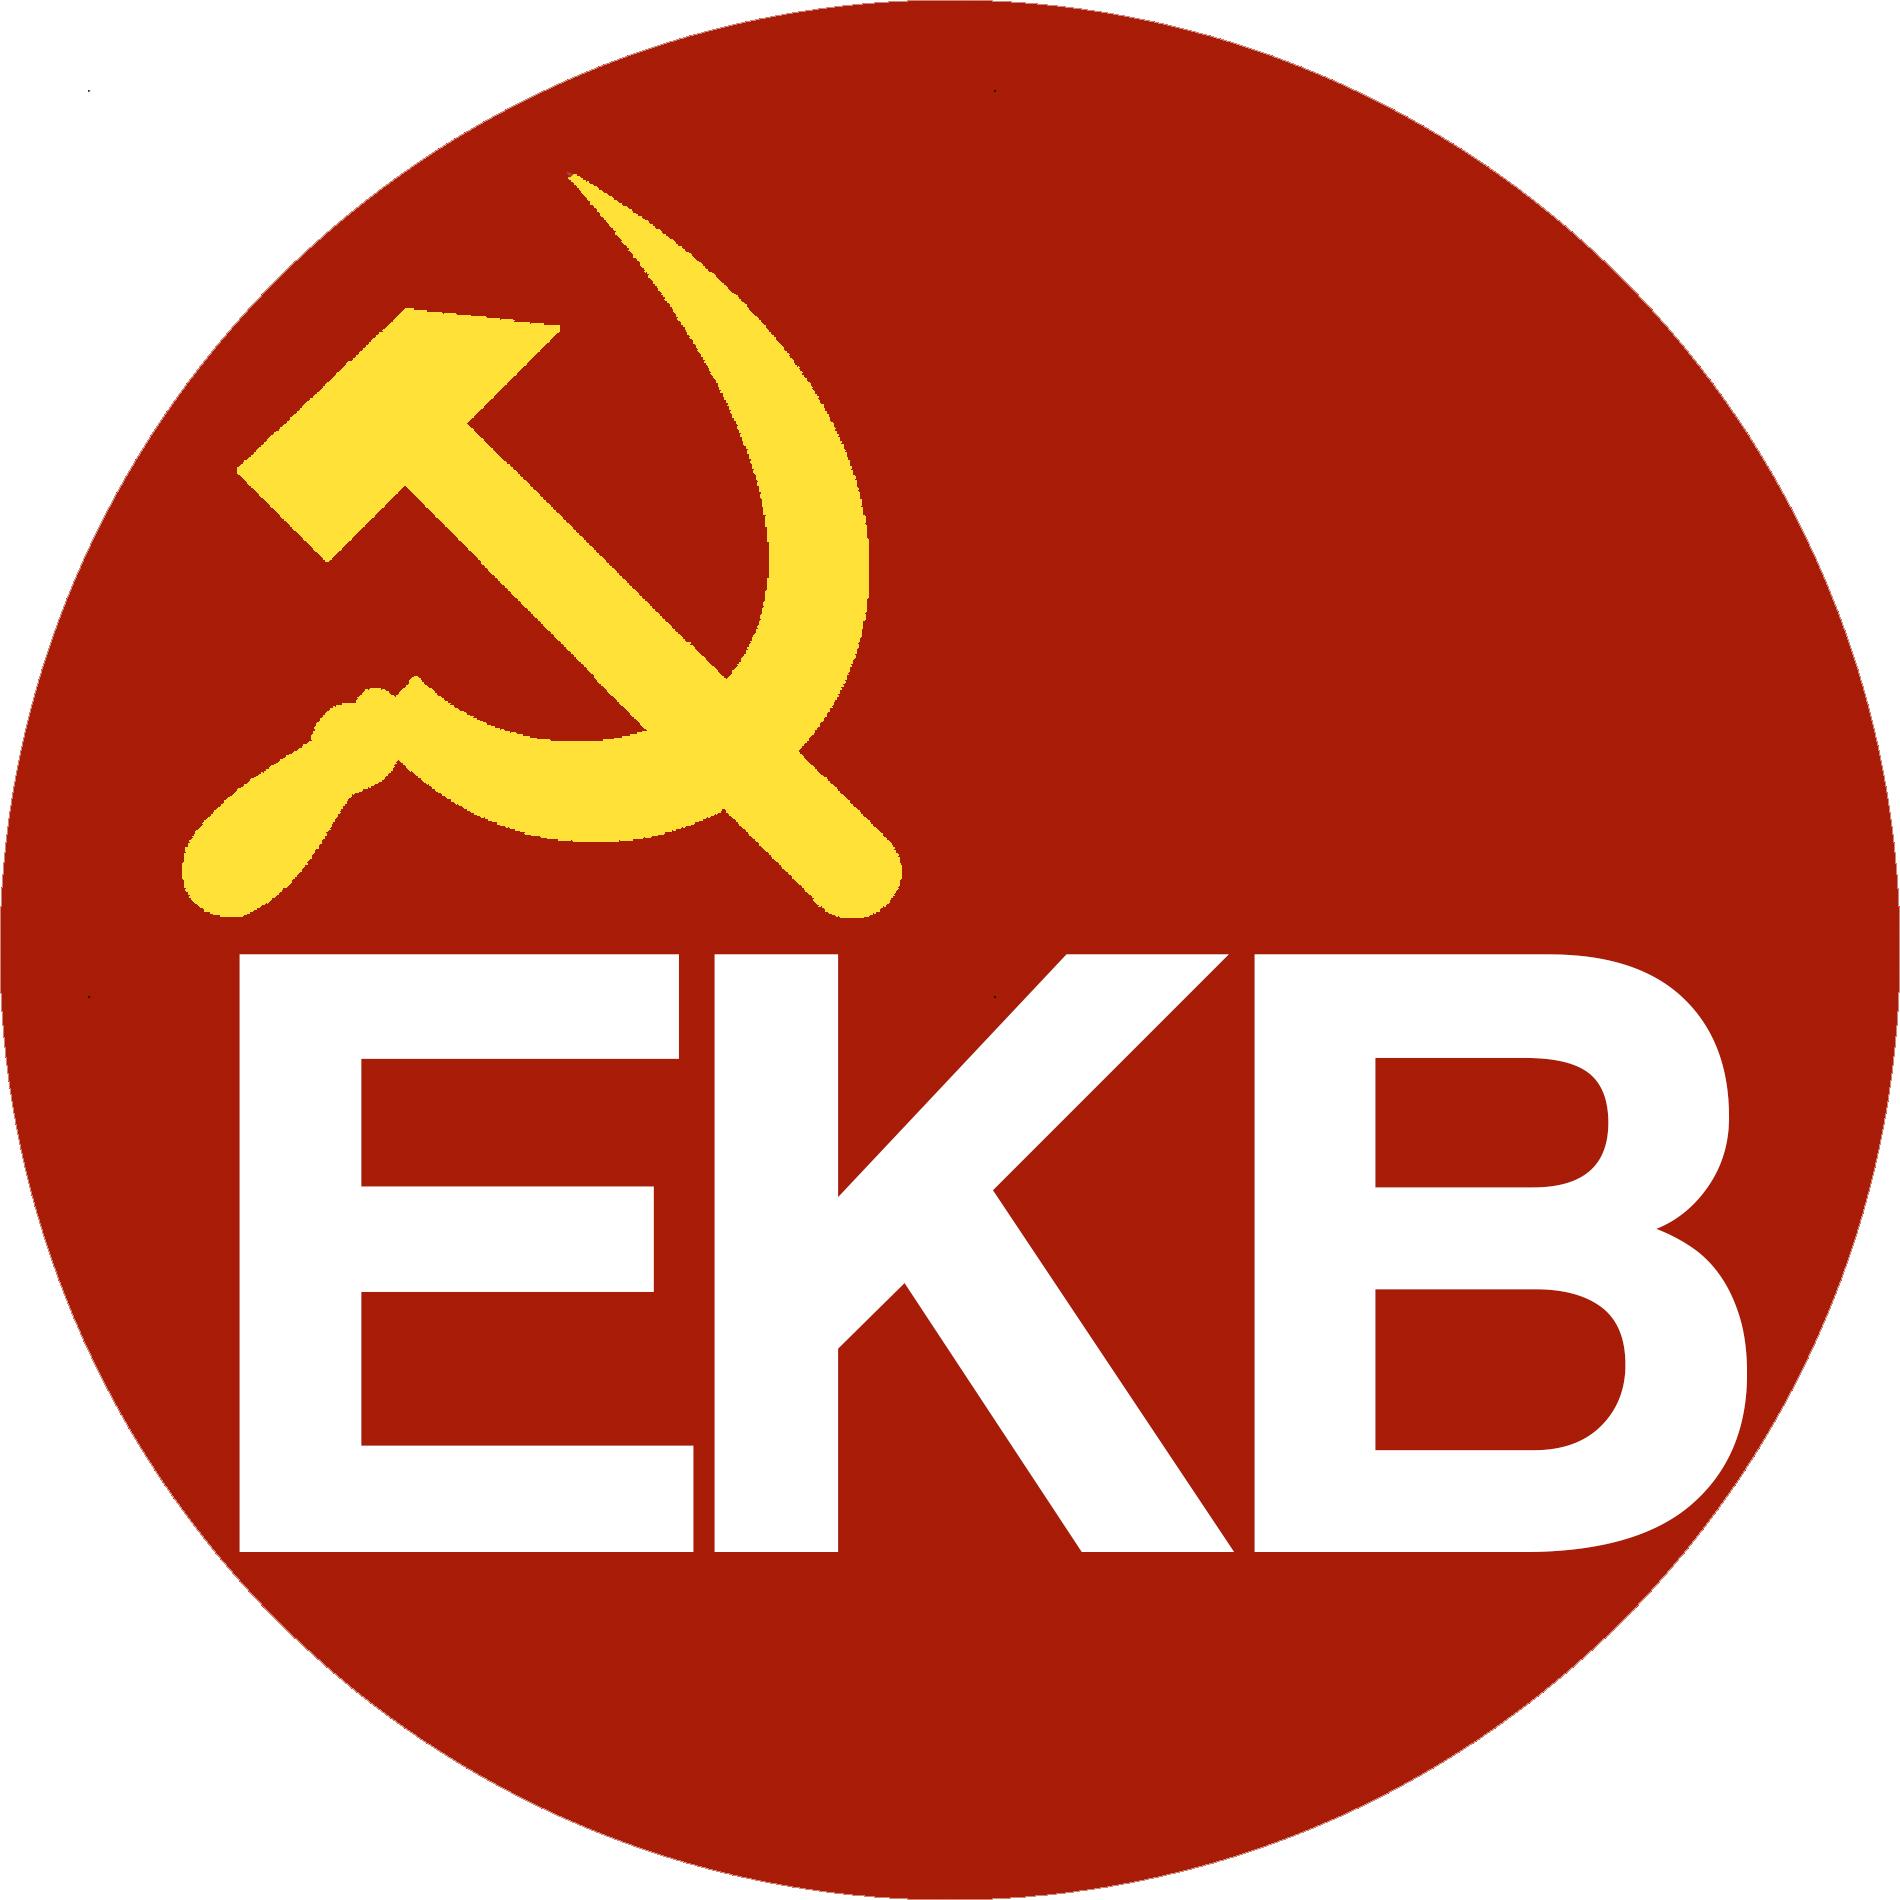 nuevo ekb color.jpg